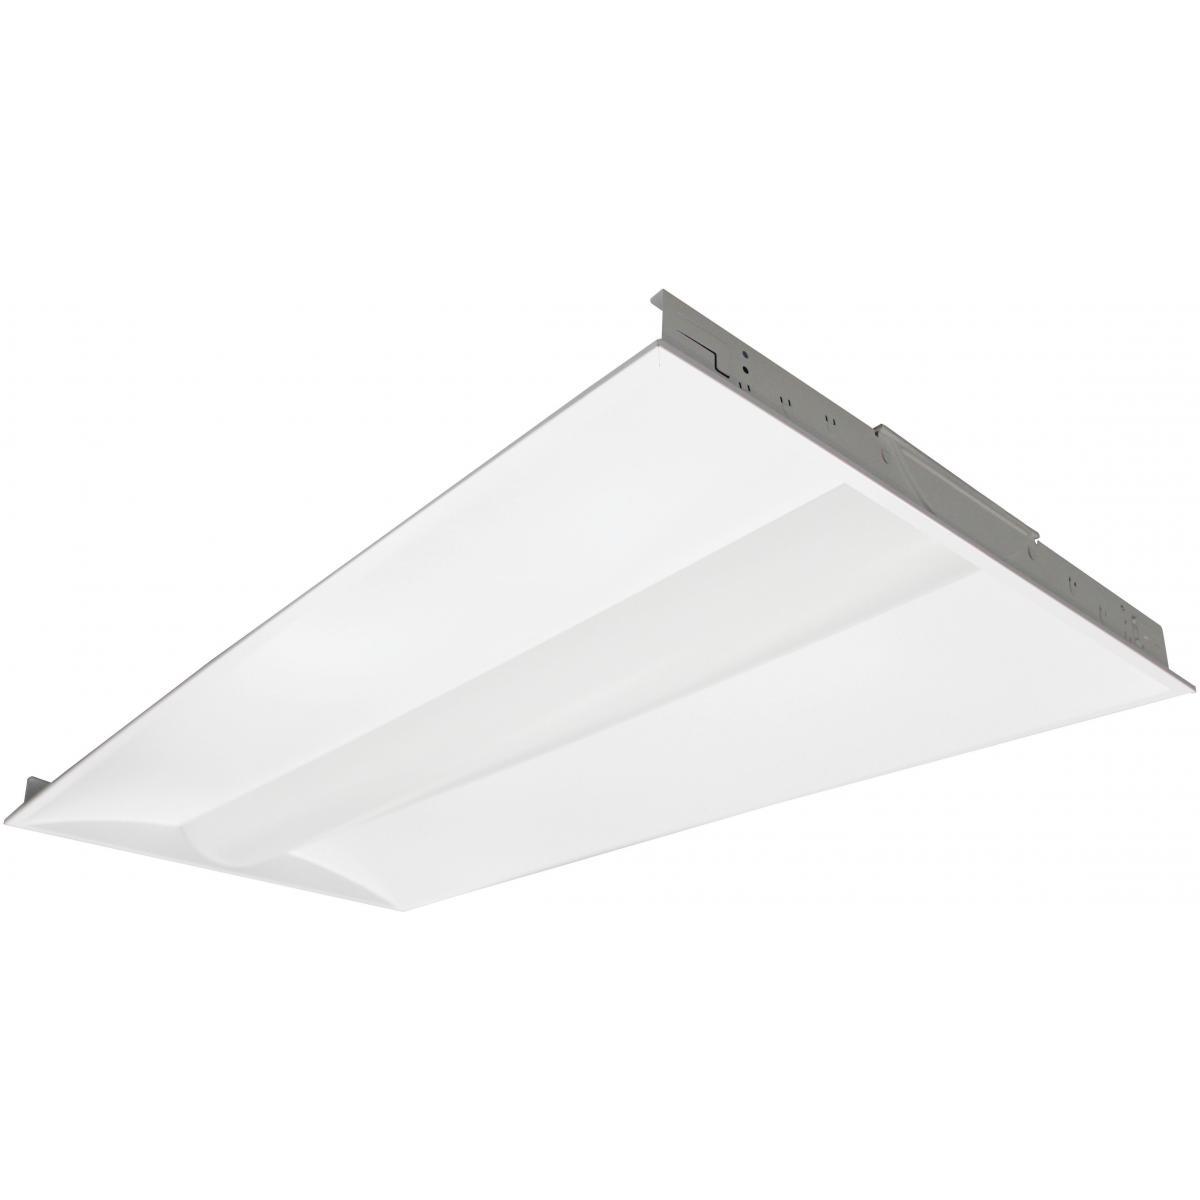 65-431 2FT X 4FT LED TROFFER 50W